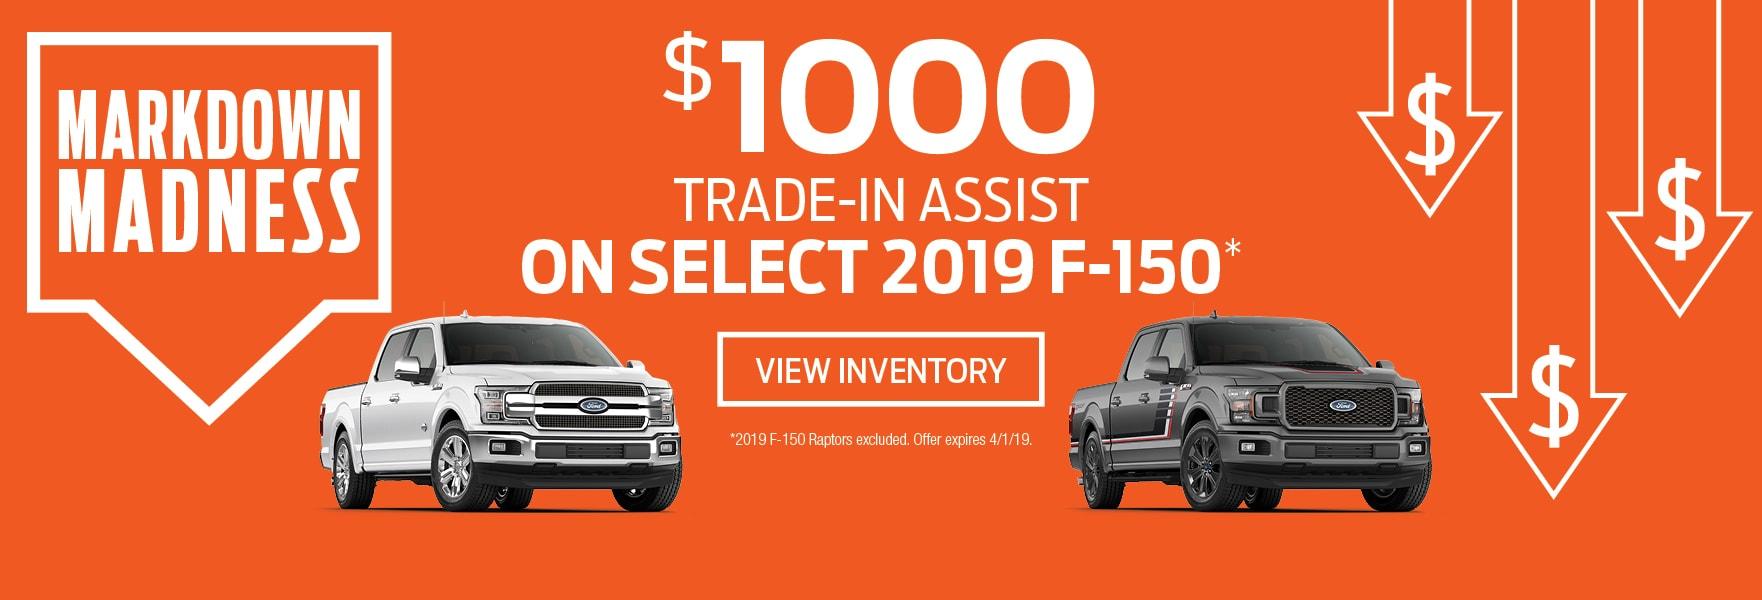 Camelback Ford New Amp Used Cars Trucks Suvs Amp Vans